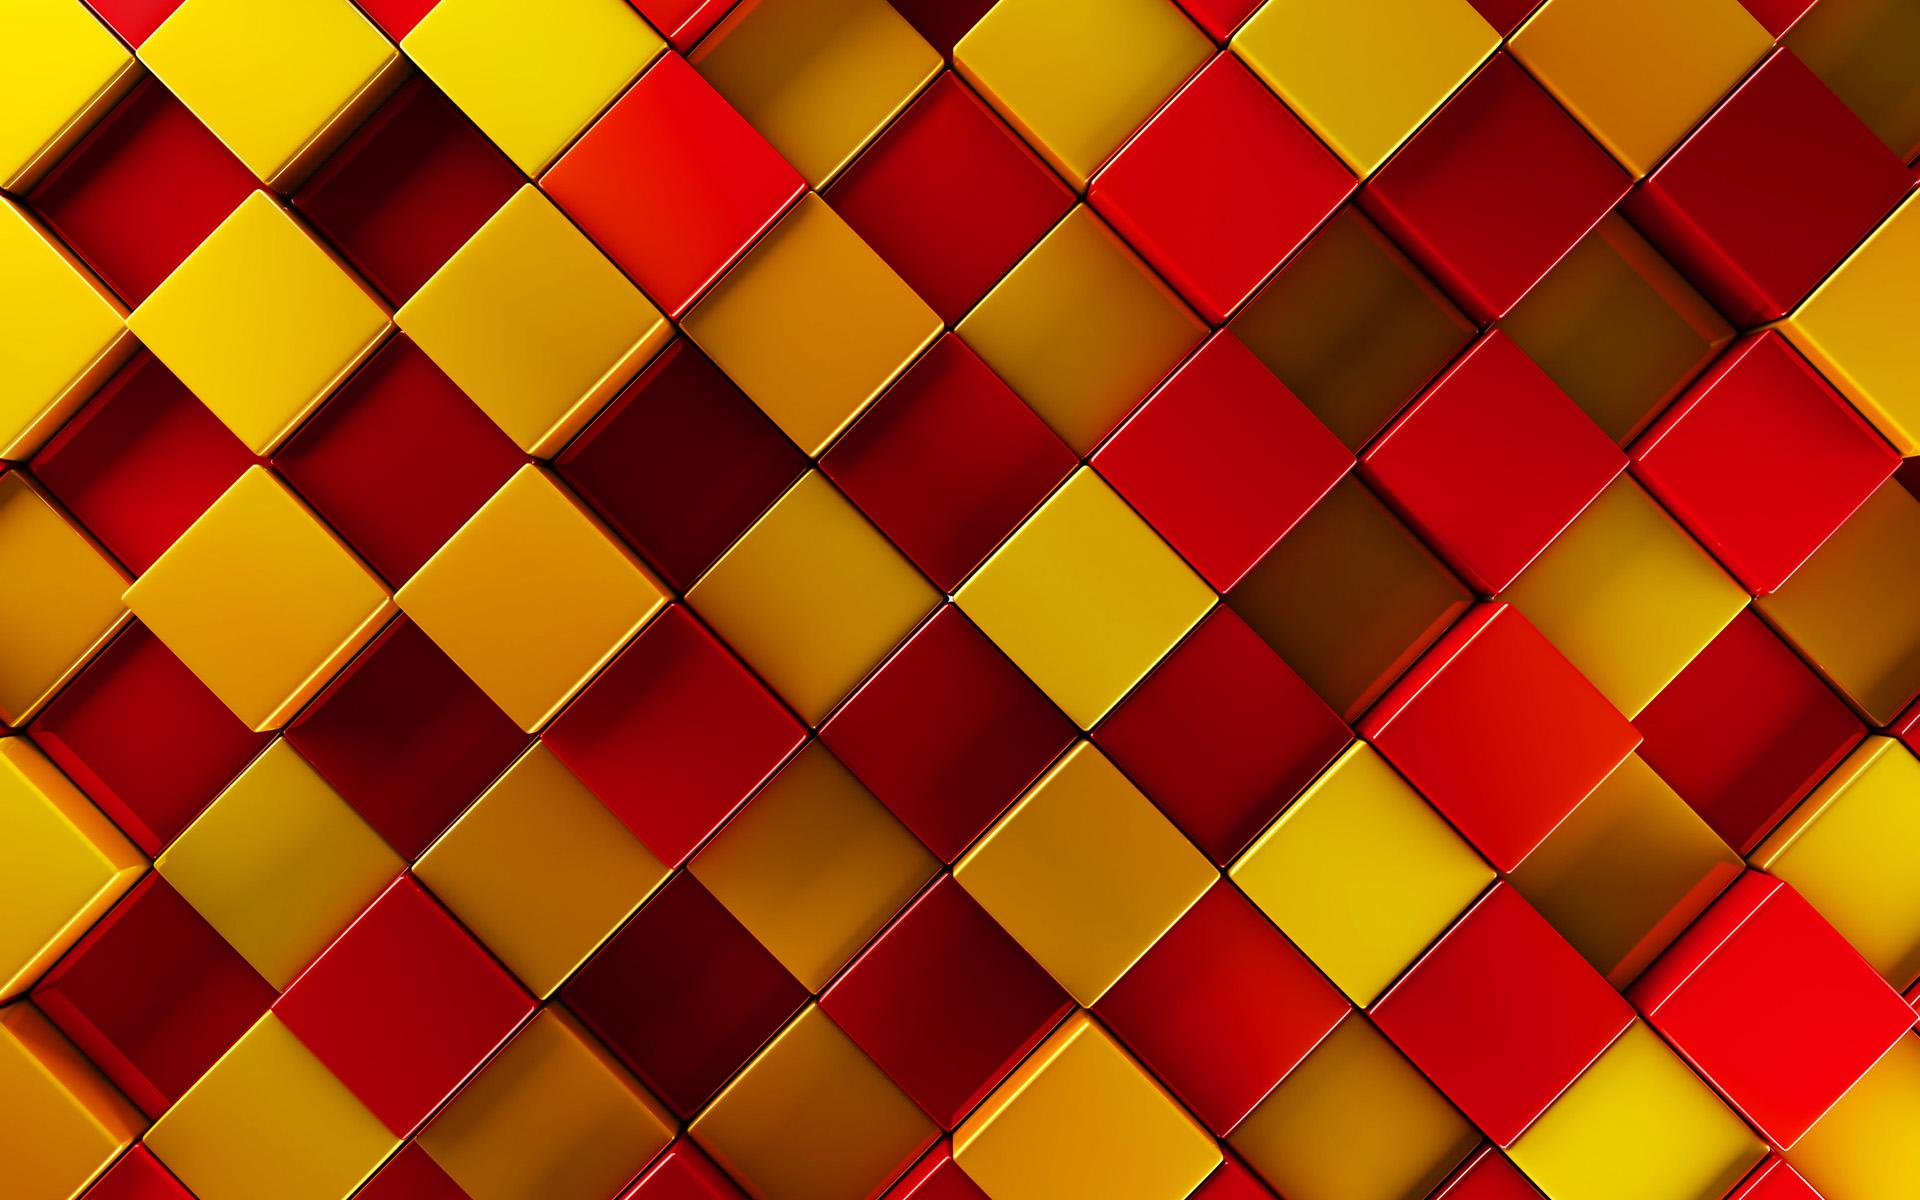 Квадраты фигуры свет блоки  № 3670749  скачать